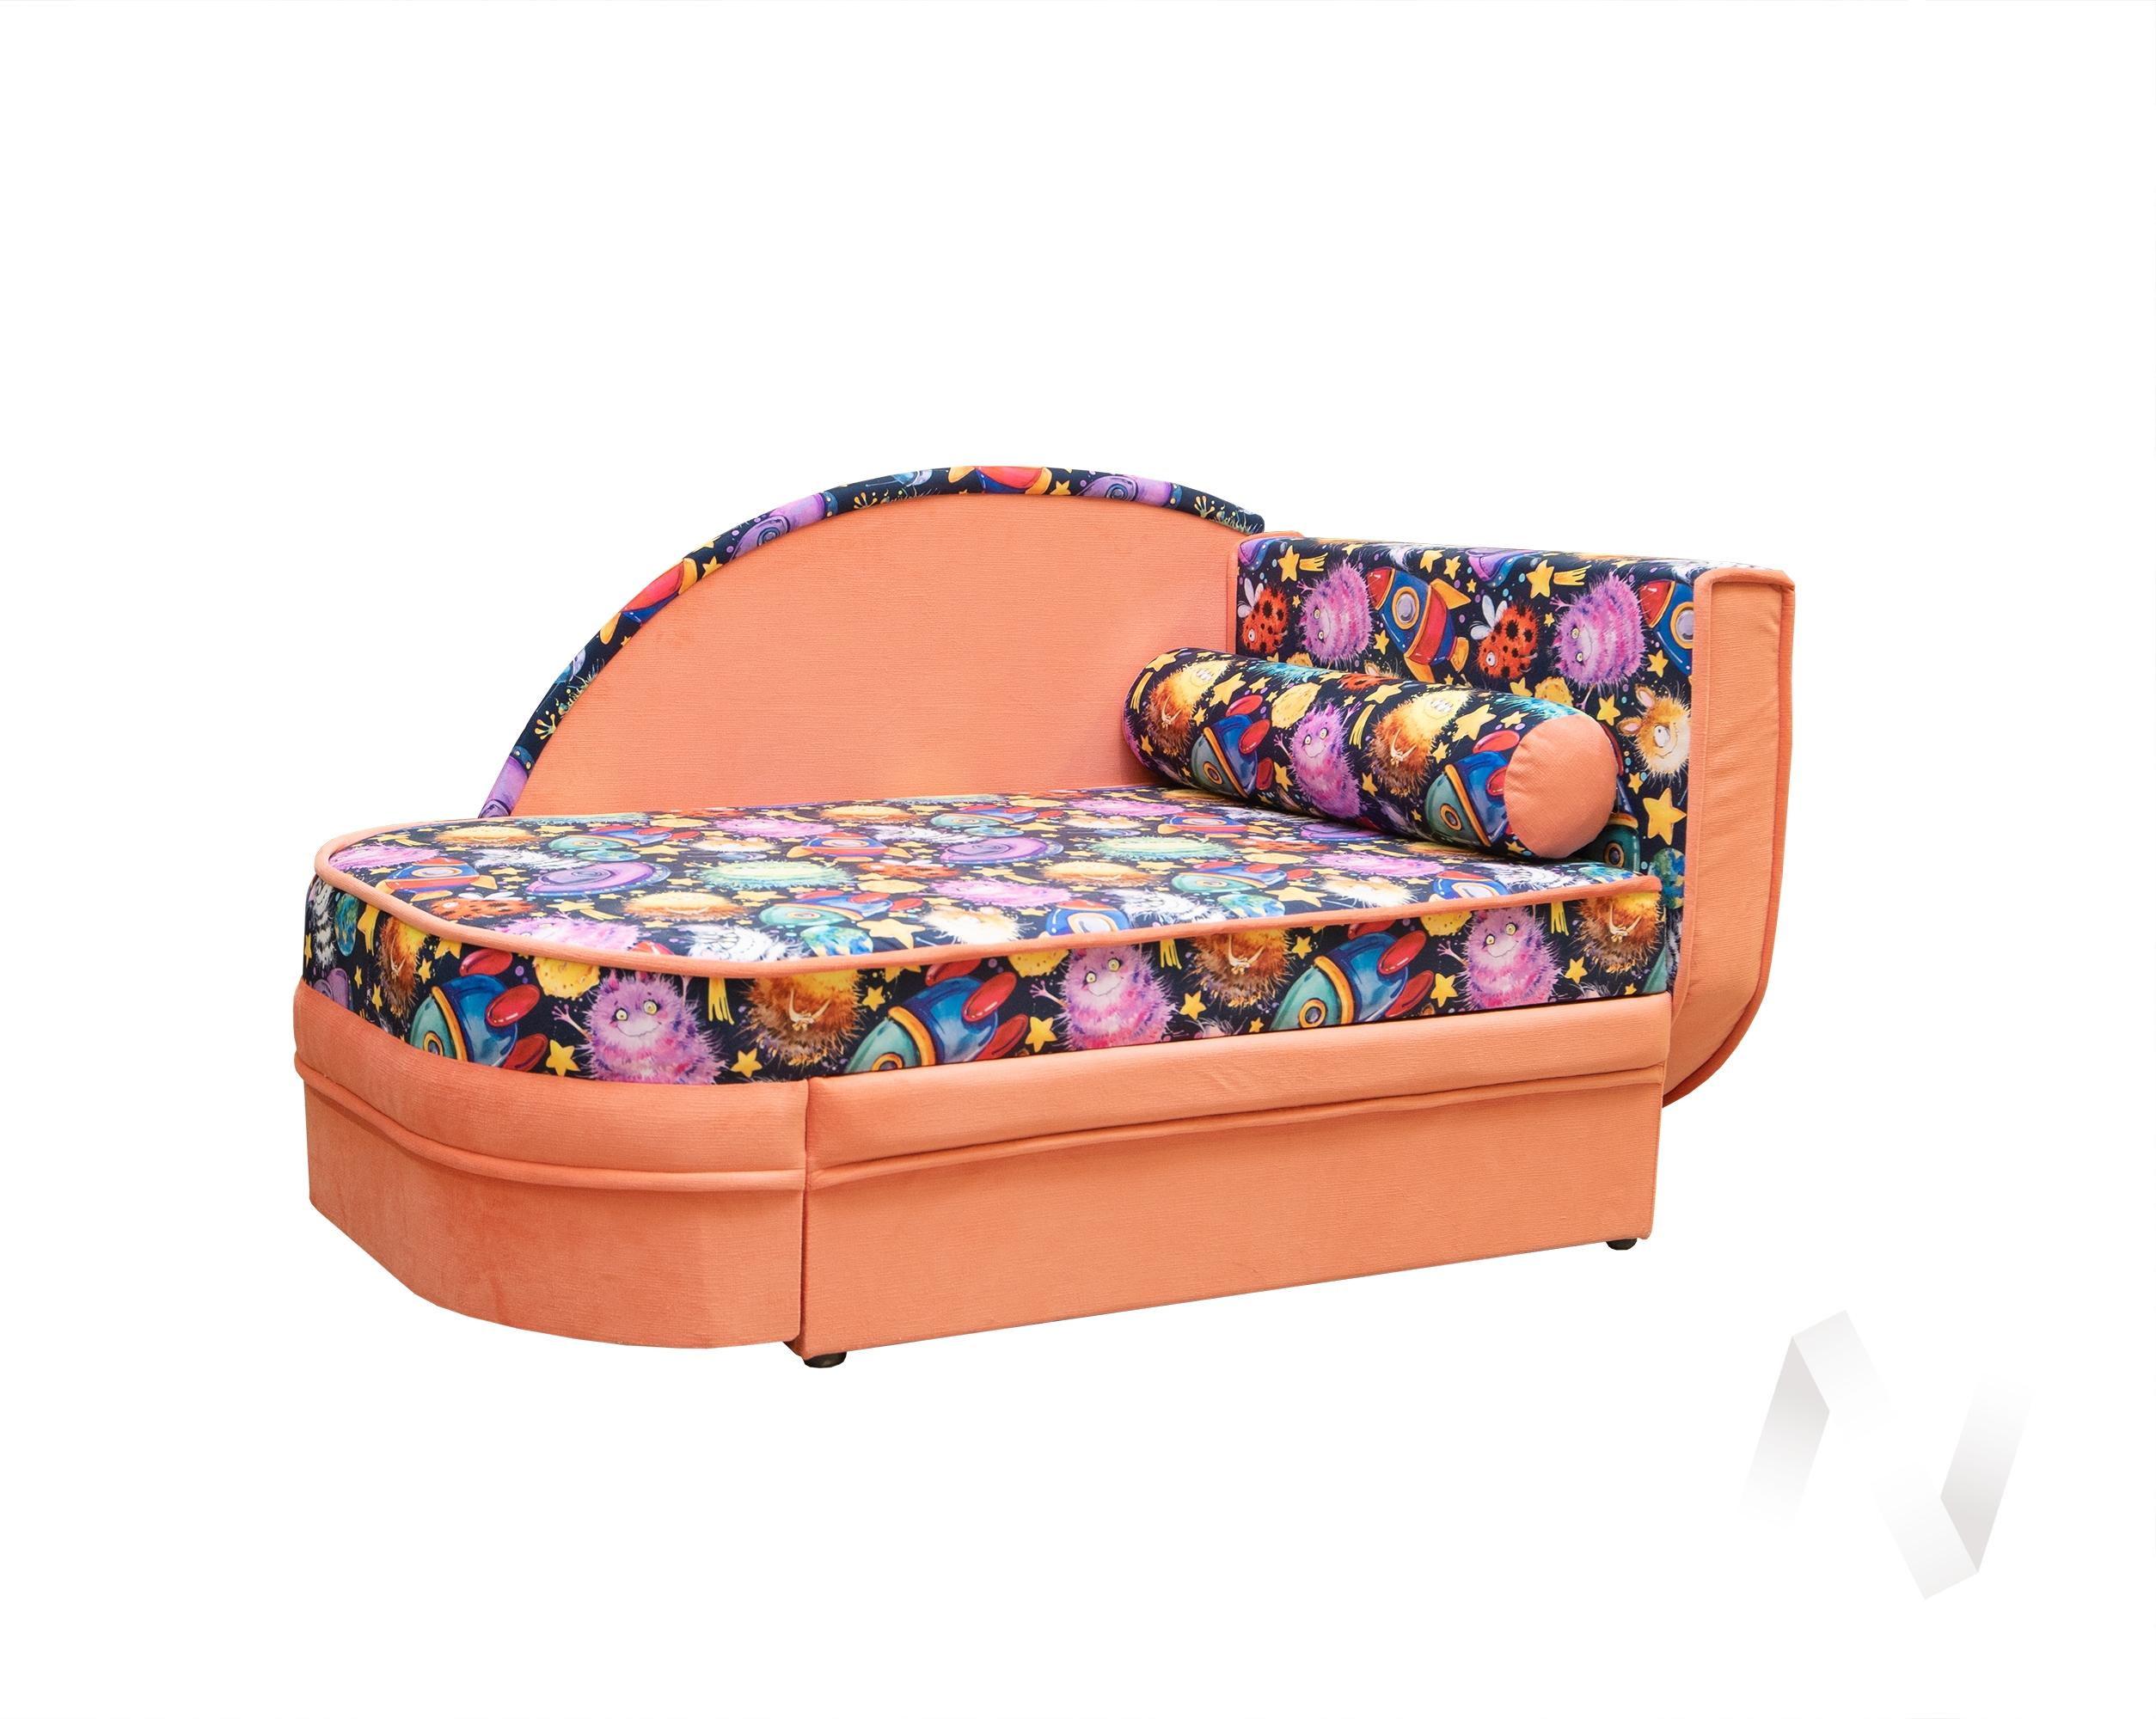 Маугли диван детский левый (Нло) недорого в Томске — интернет-магазин авторской мебели Экостиль